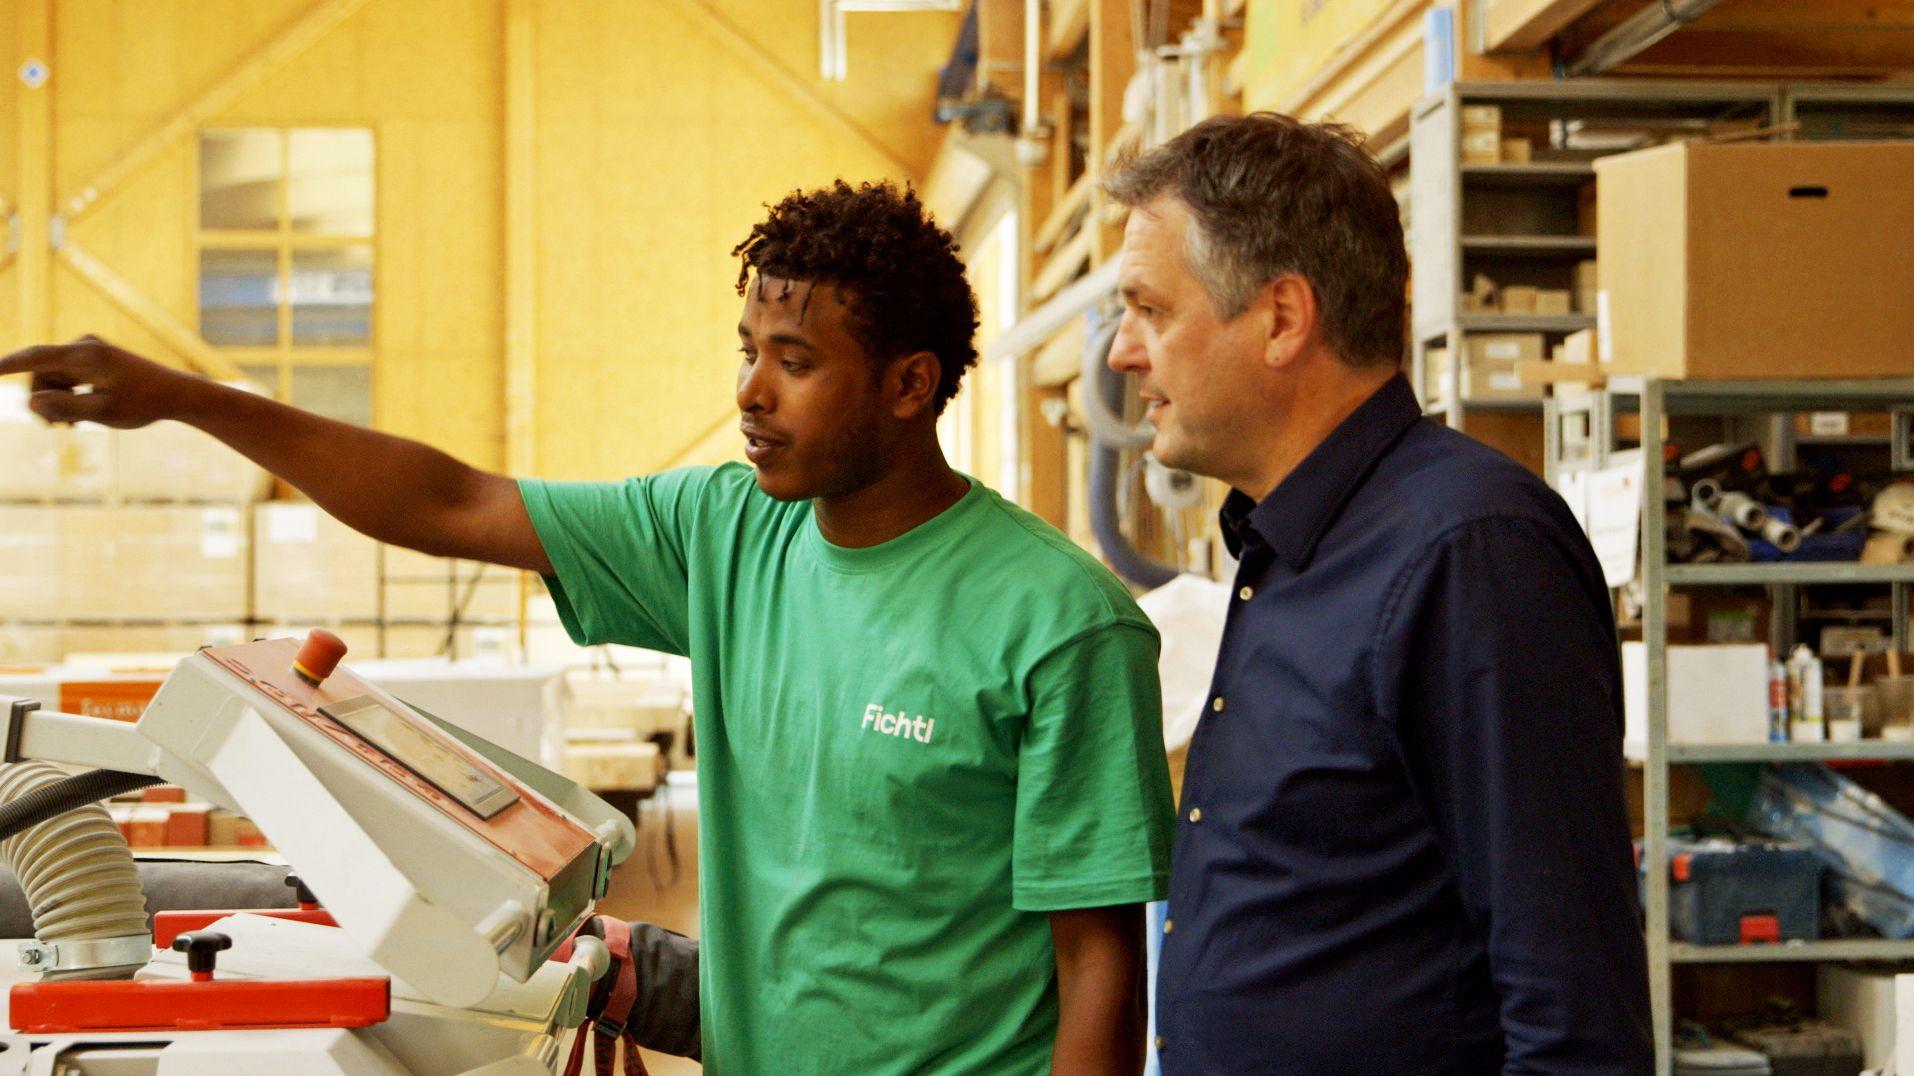 Geschäftsführer Stefan Fichtl (rechts) bespricht die nächsten Arbeitsschritte mit einem Mitarbeiter.